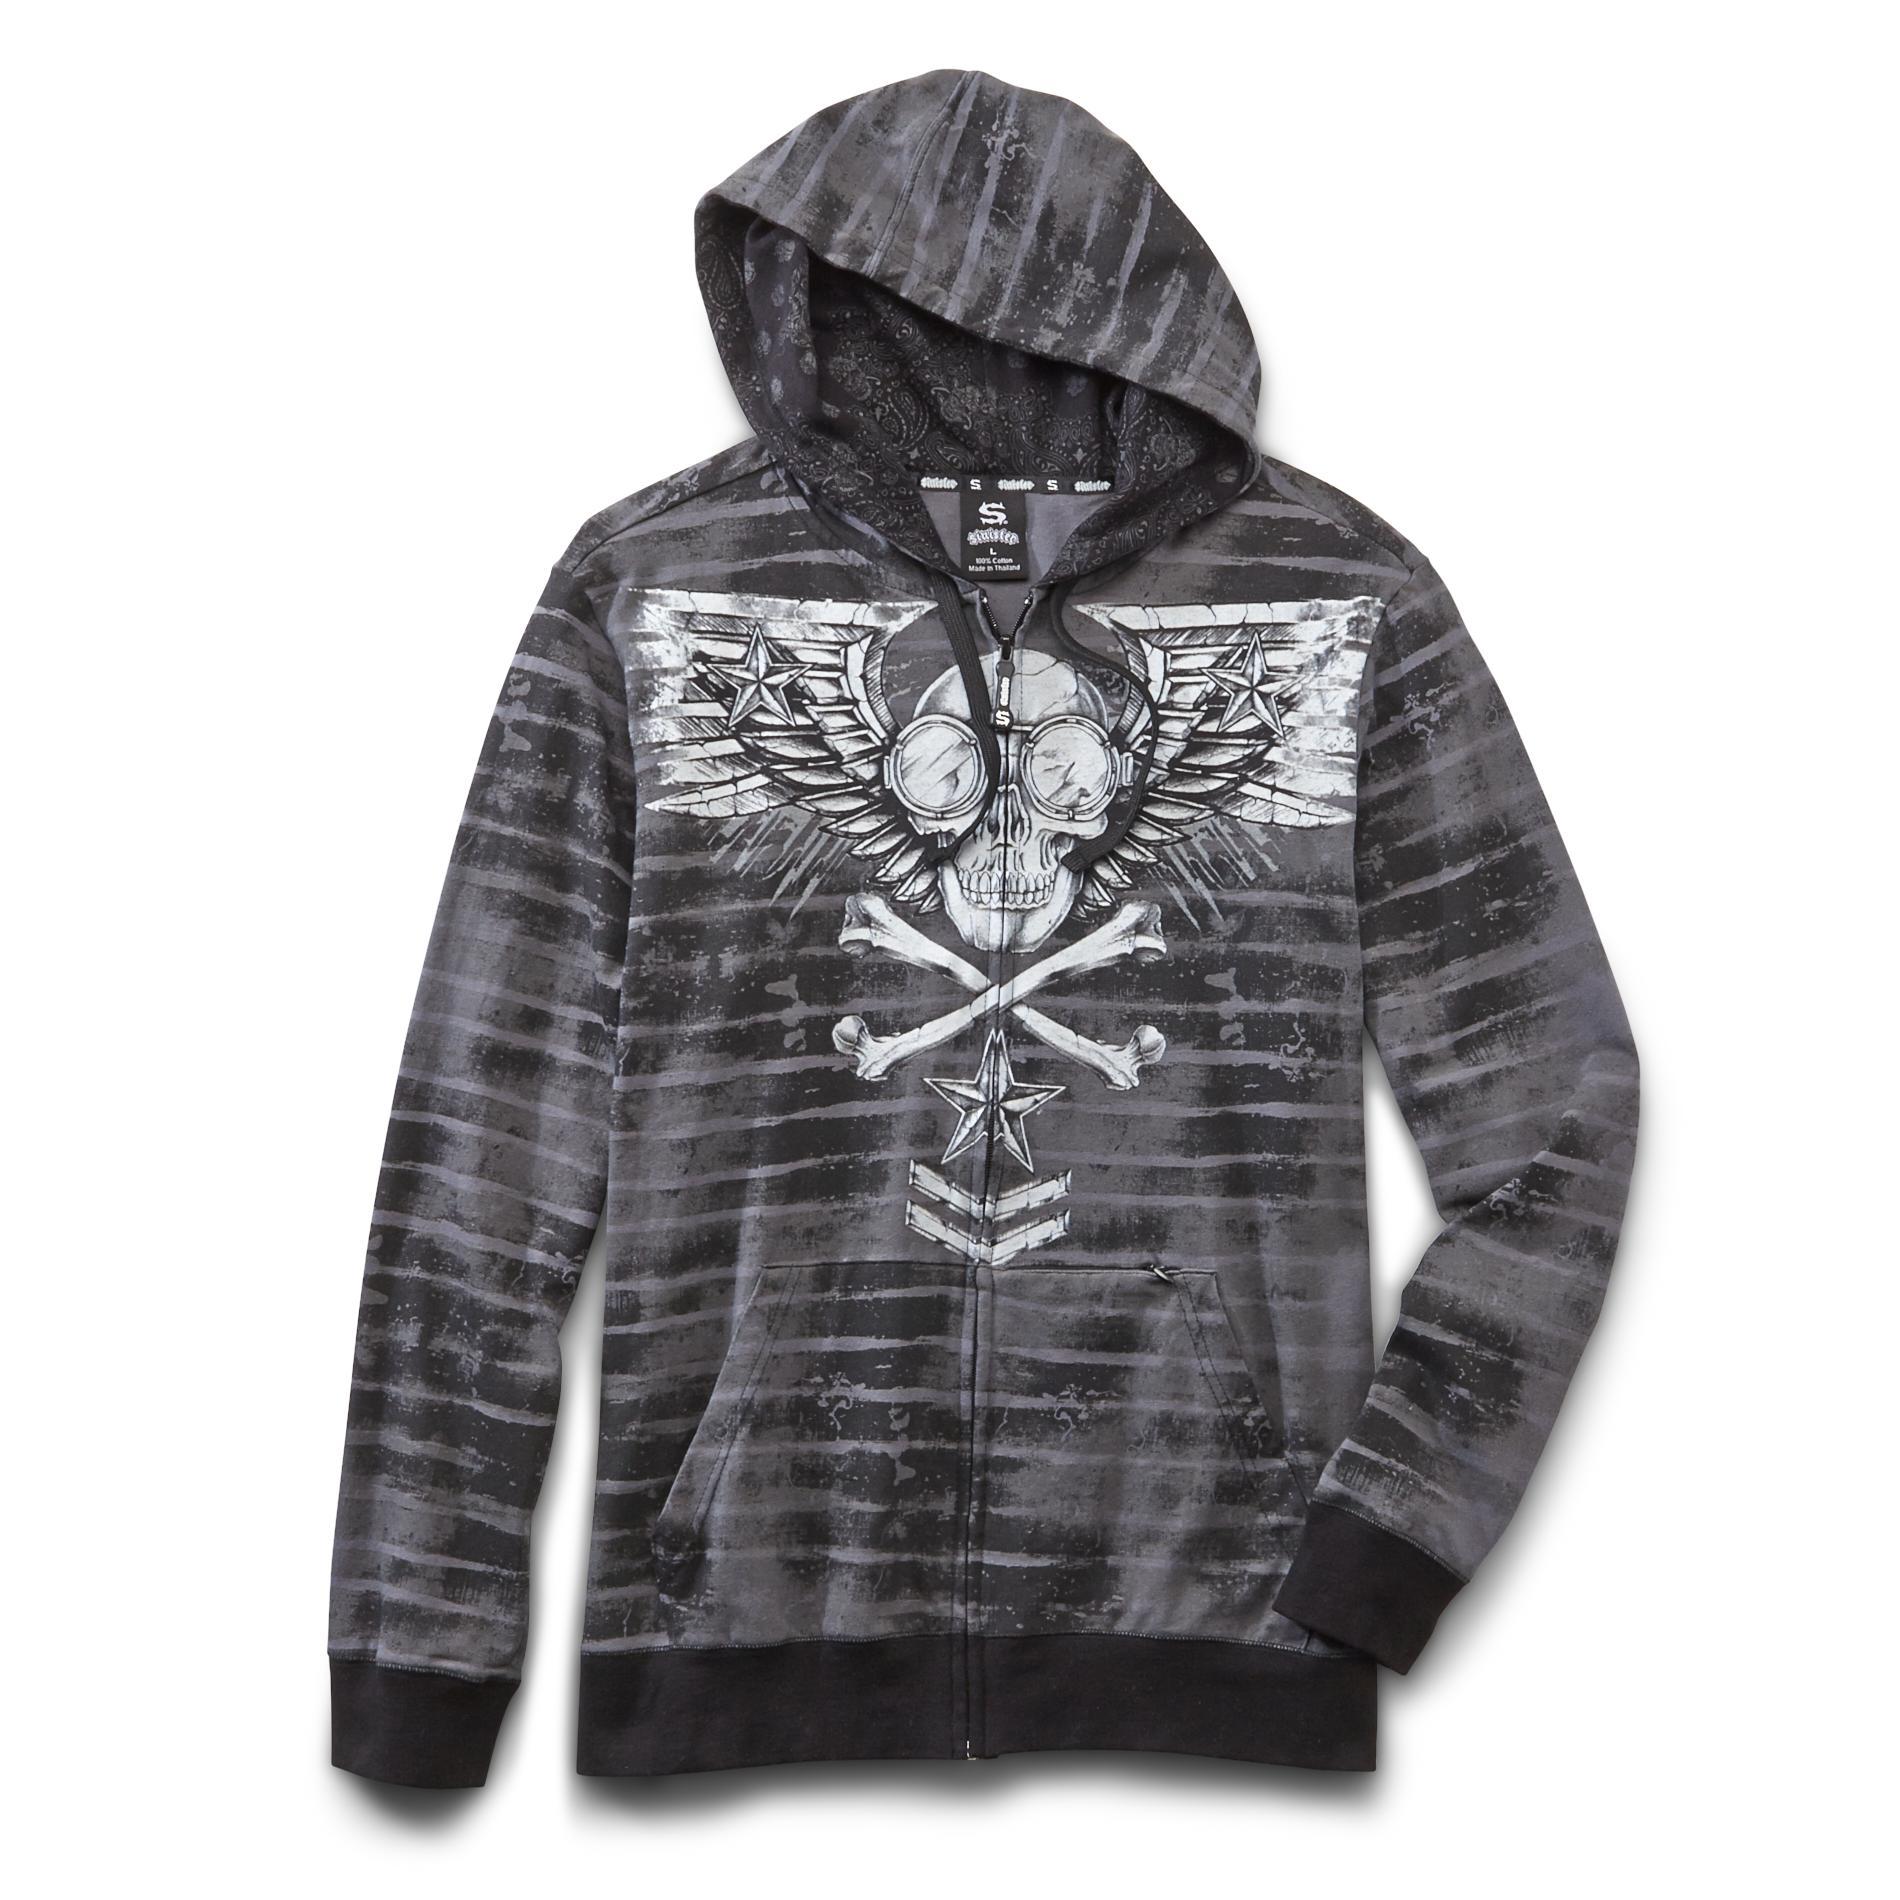 Sinister Men's Hoodie Jacket - Winged Skull at Kmart.com